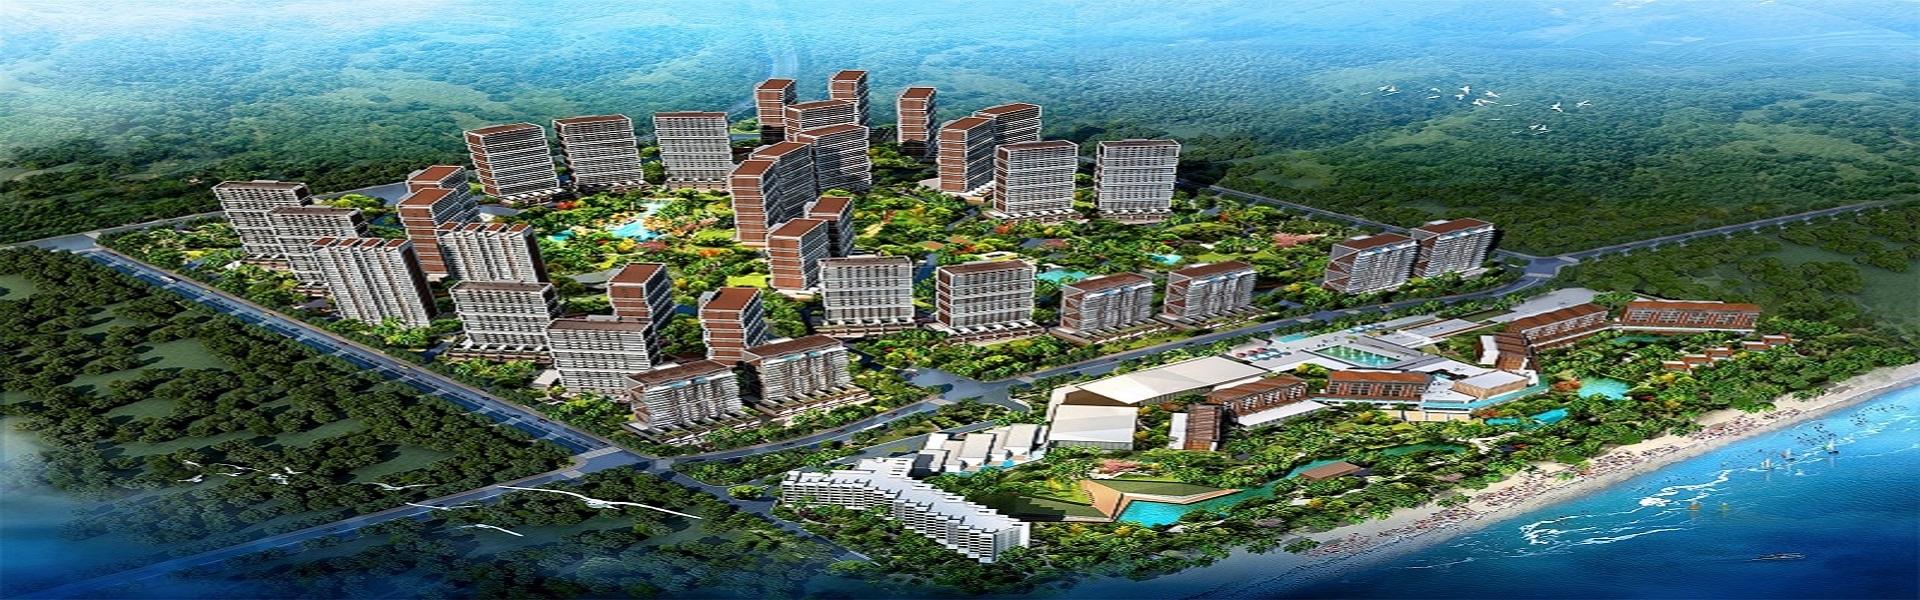 中央房企、保利高品质项目、汕尾最美社区、汕尾最高性价比社区、深汕两地必经之路、深汕唯一海景综合体项目